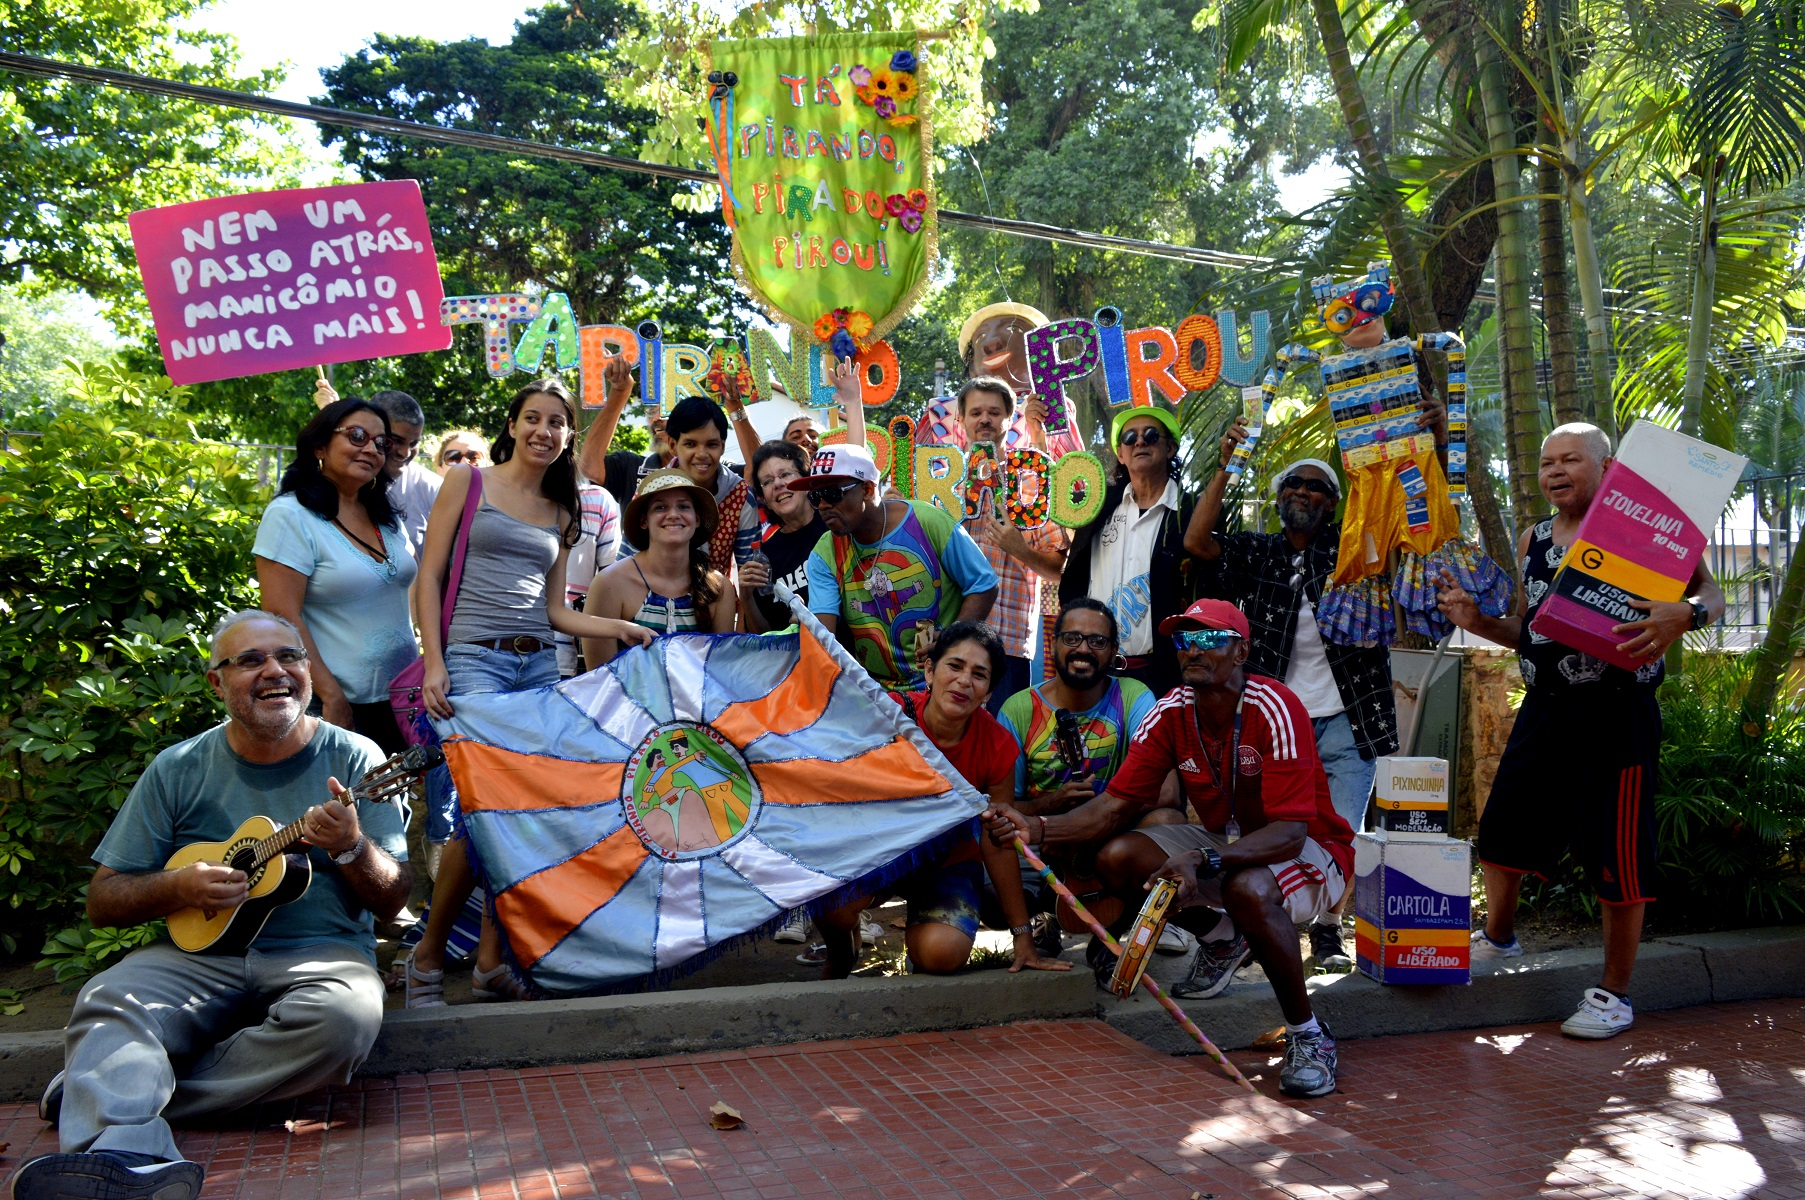 O desfile do Tá Pirando terá fantasias, carro alegórico e até escultura gigante. Foto Heitor Abreu